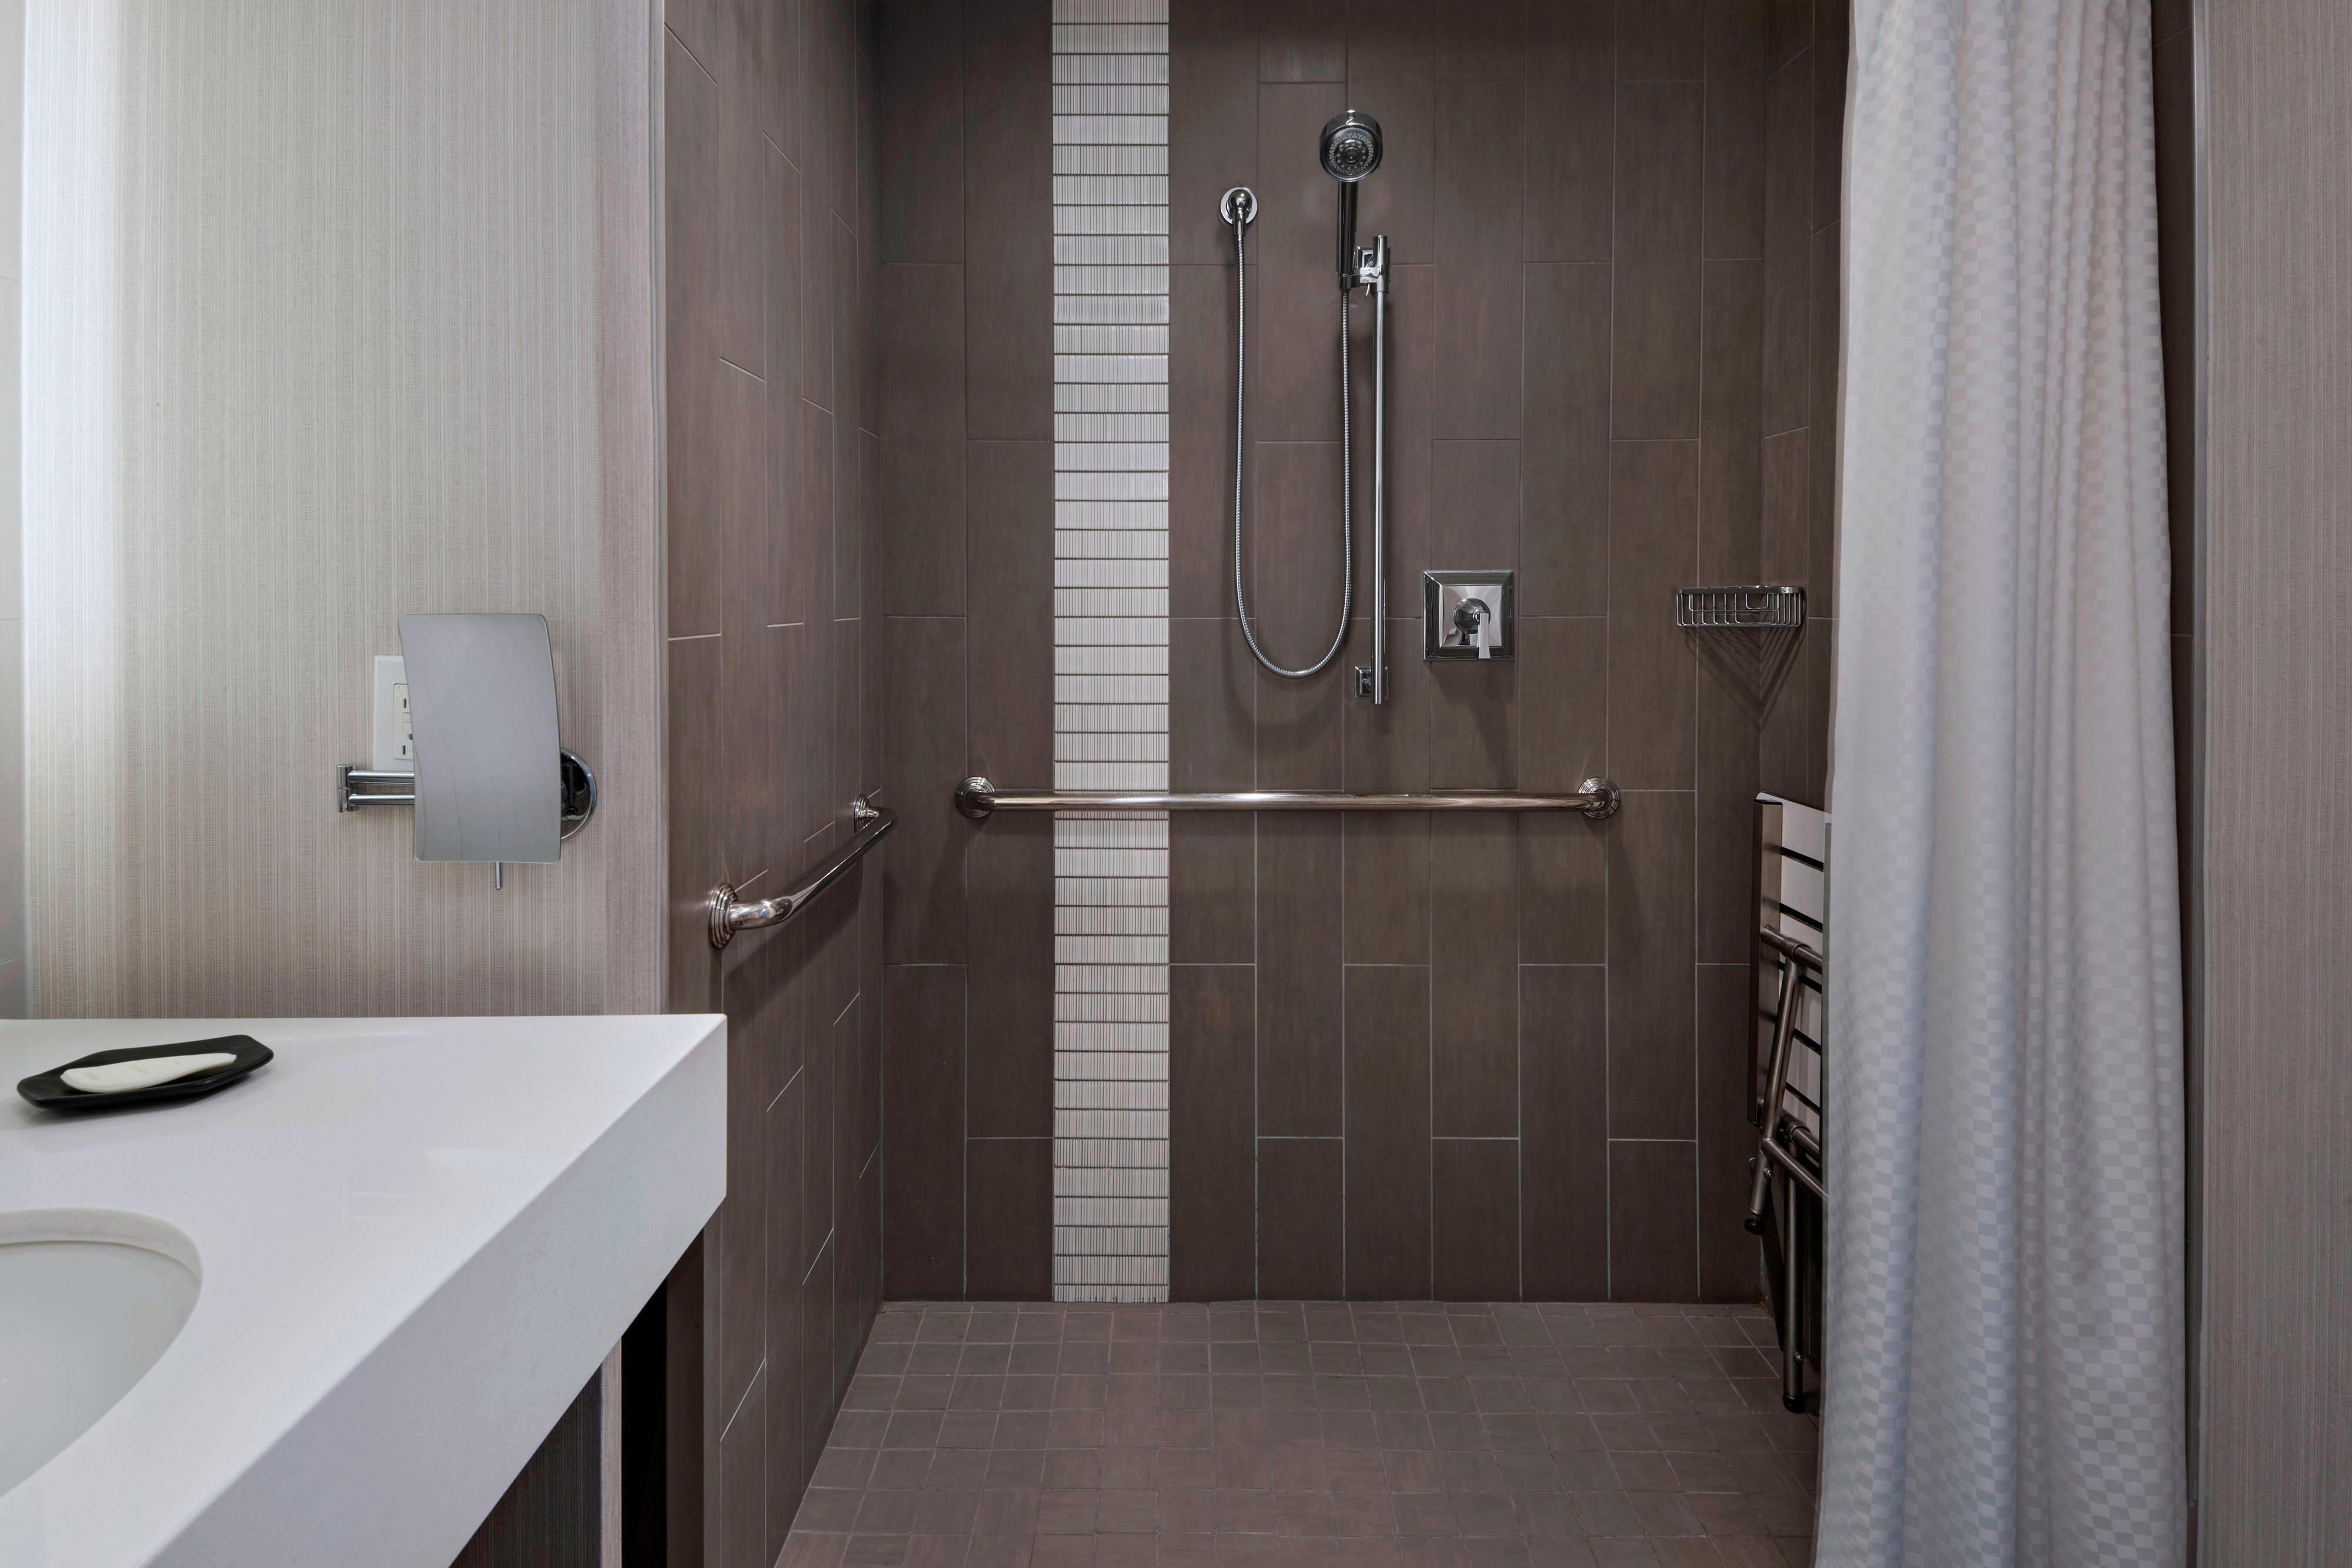 Banheiro de quarto para hóspedes com mobilidade reduzida - Chuveiro para cadeira de rodas